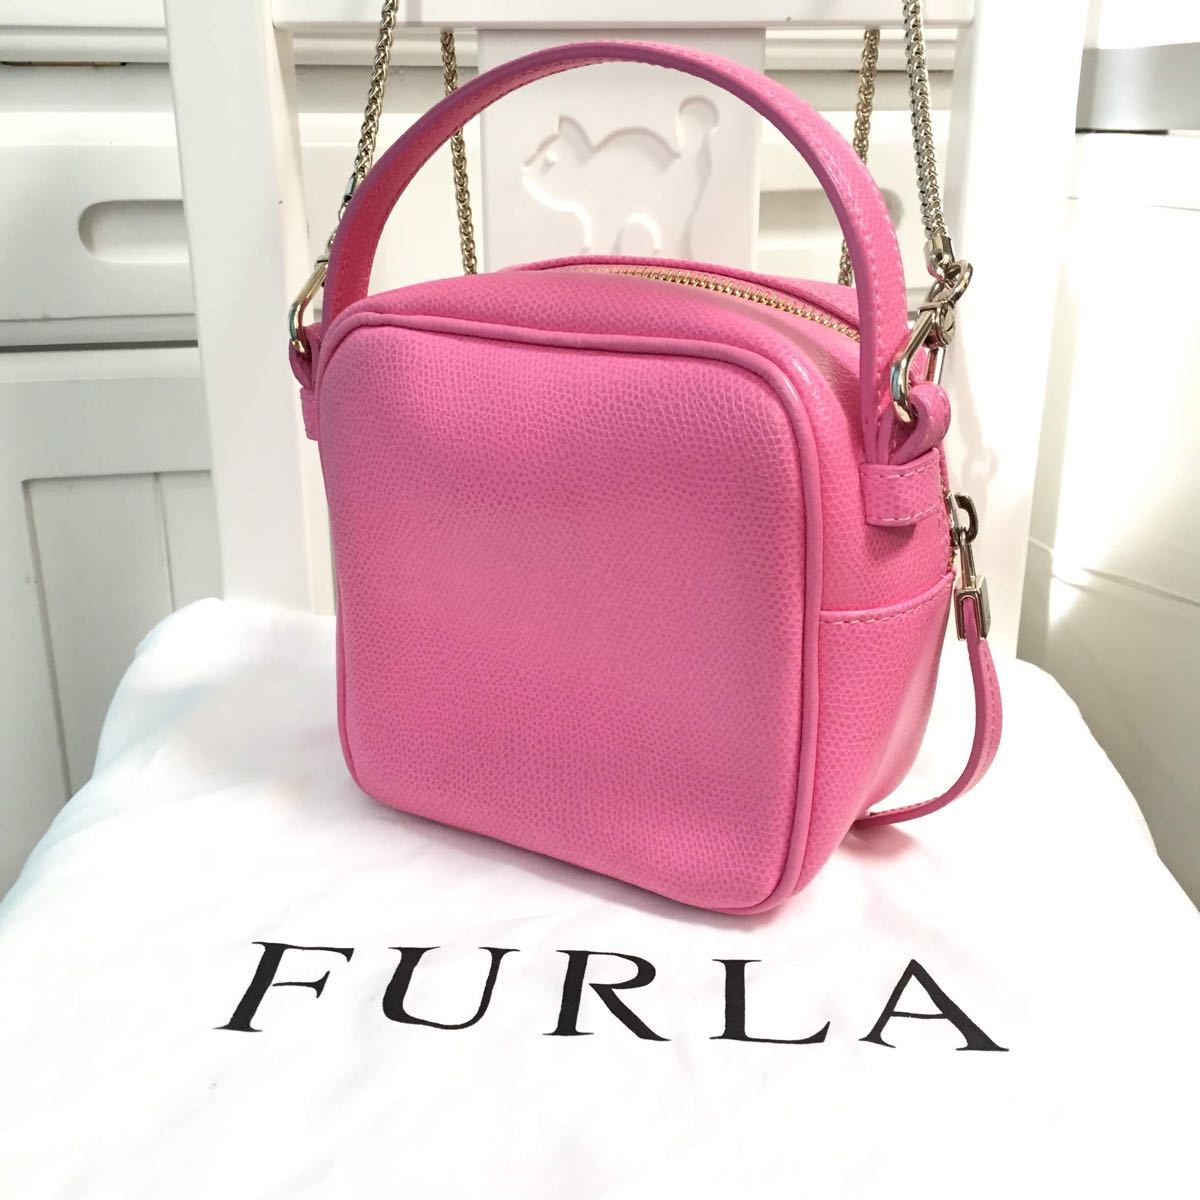 フルラ FURLA ショルダーバッグ ミニハンドバッグ 斜め掛け 2way レディースバッグ